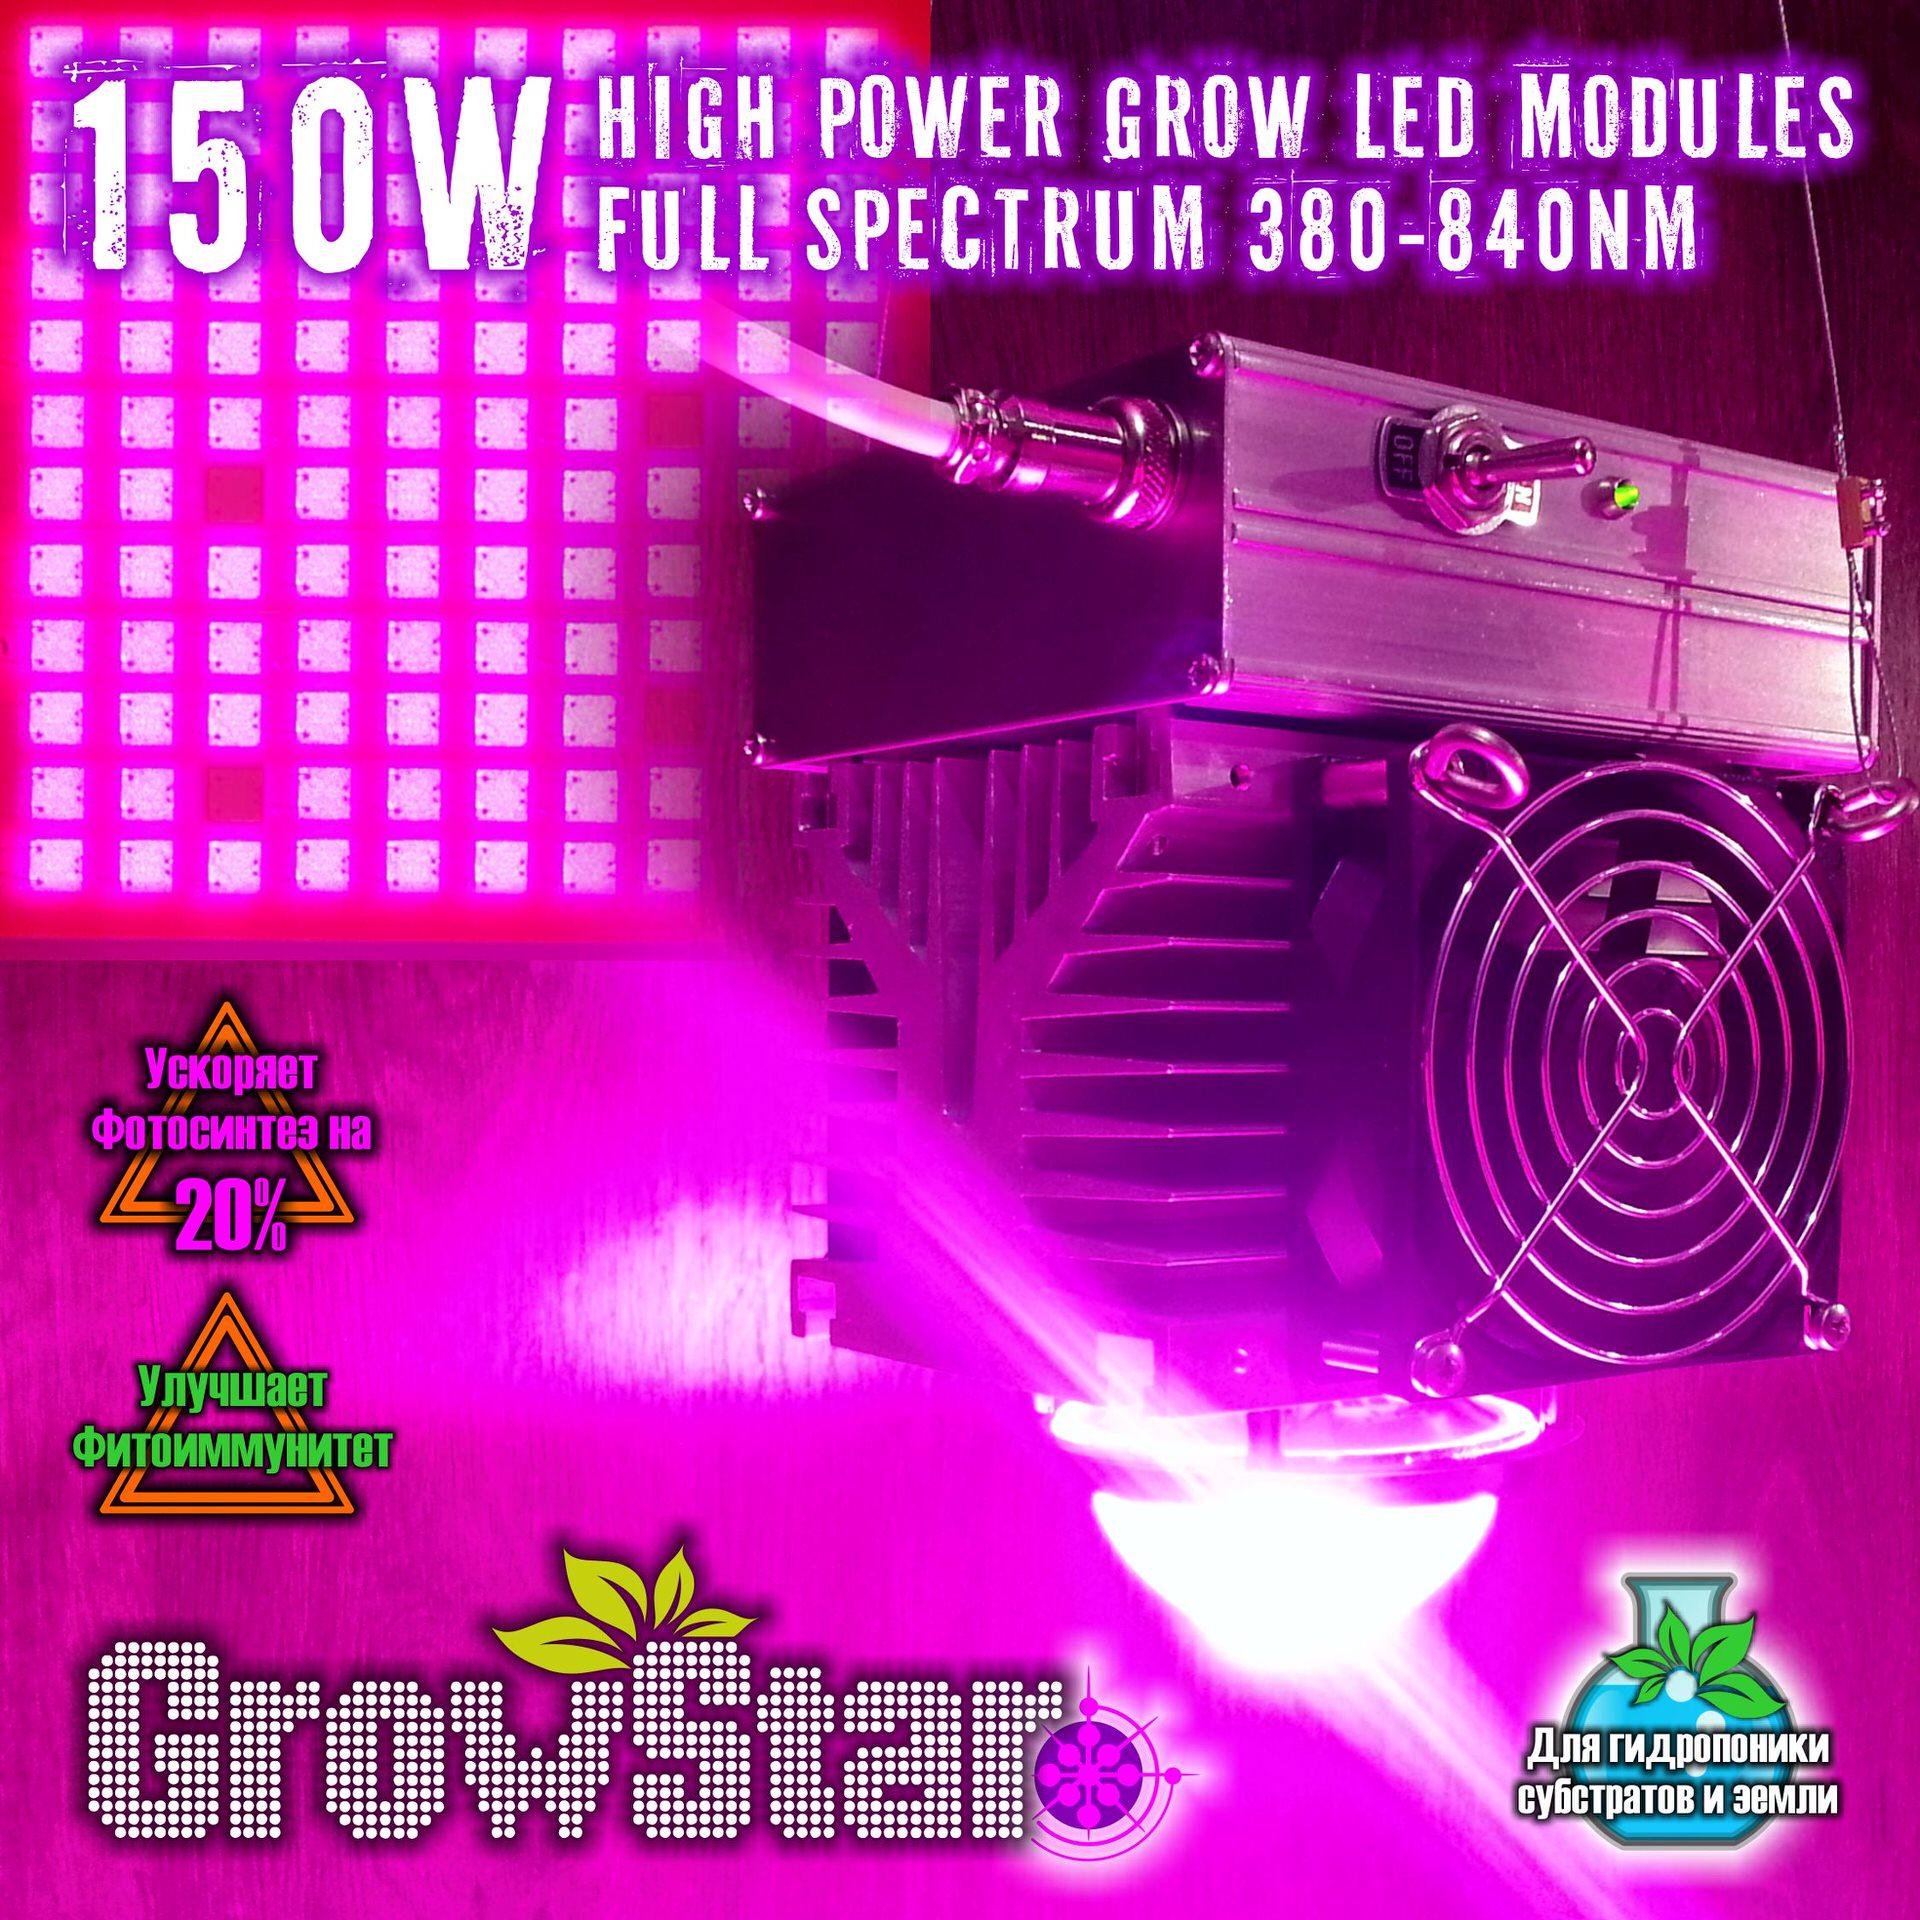 N➊ Grow LED Lamp 150 W FS 380-840nm купить в Украине, цена